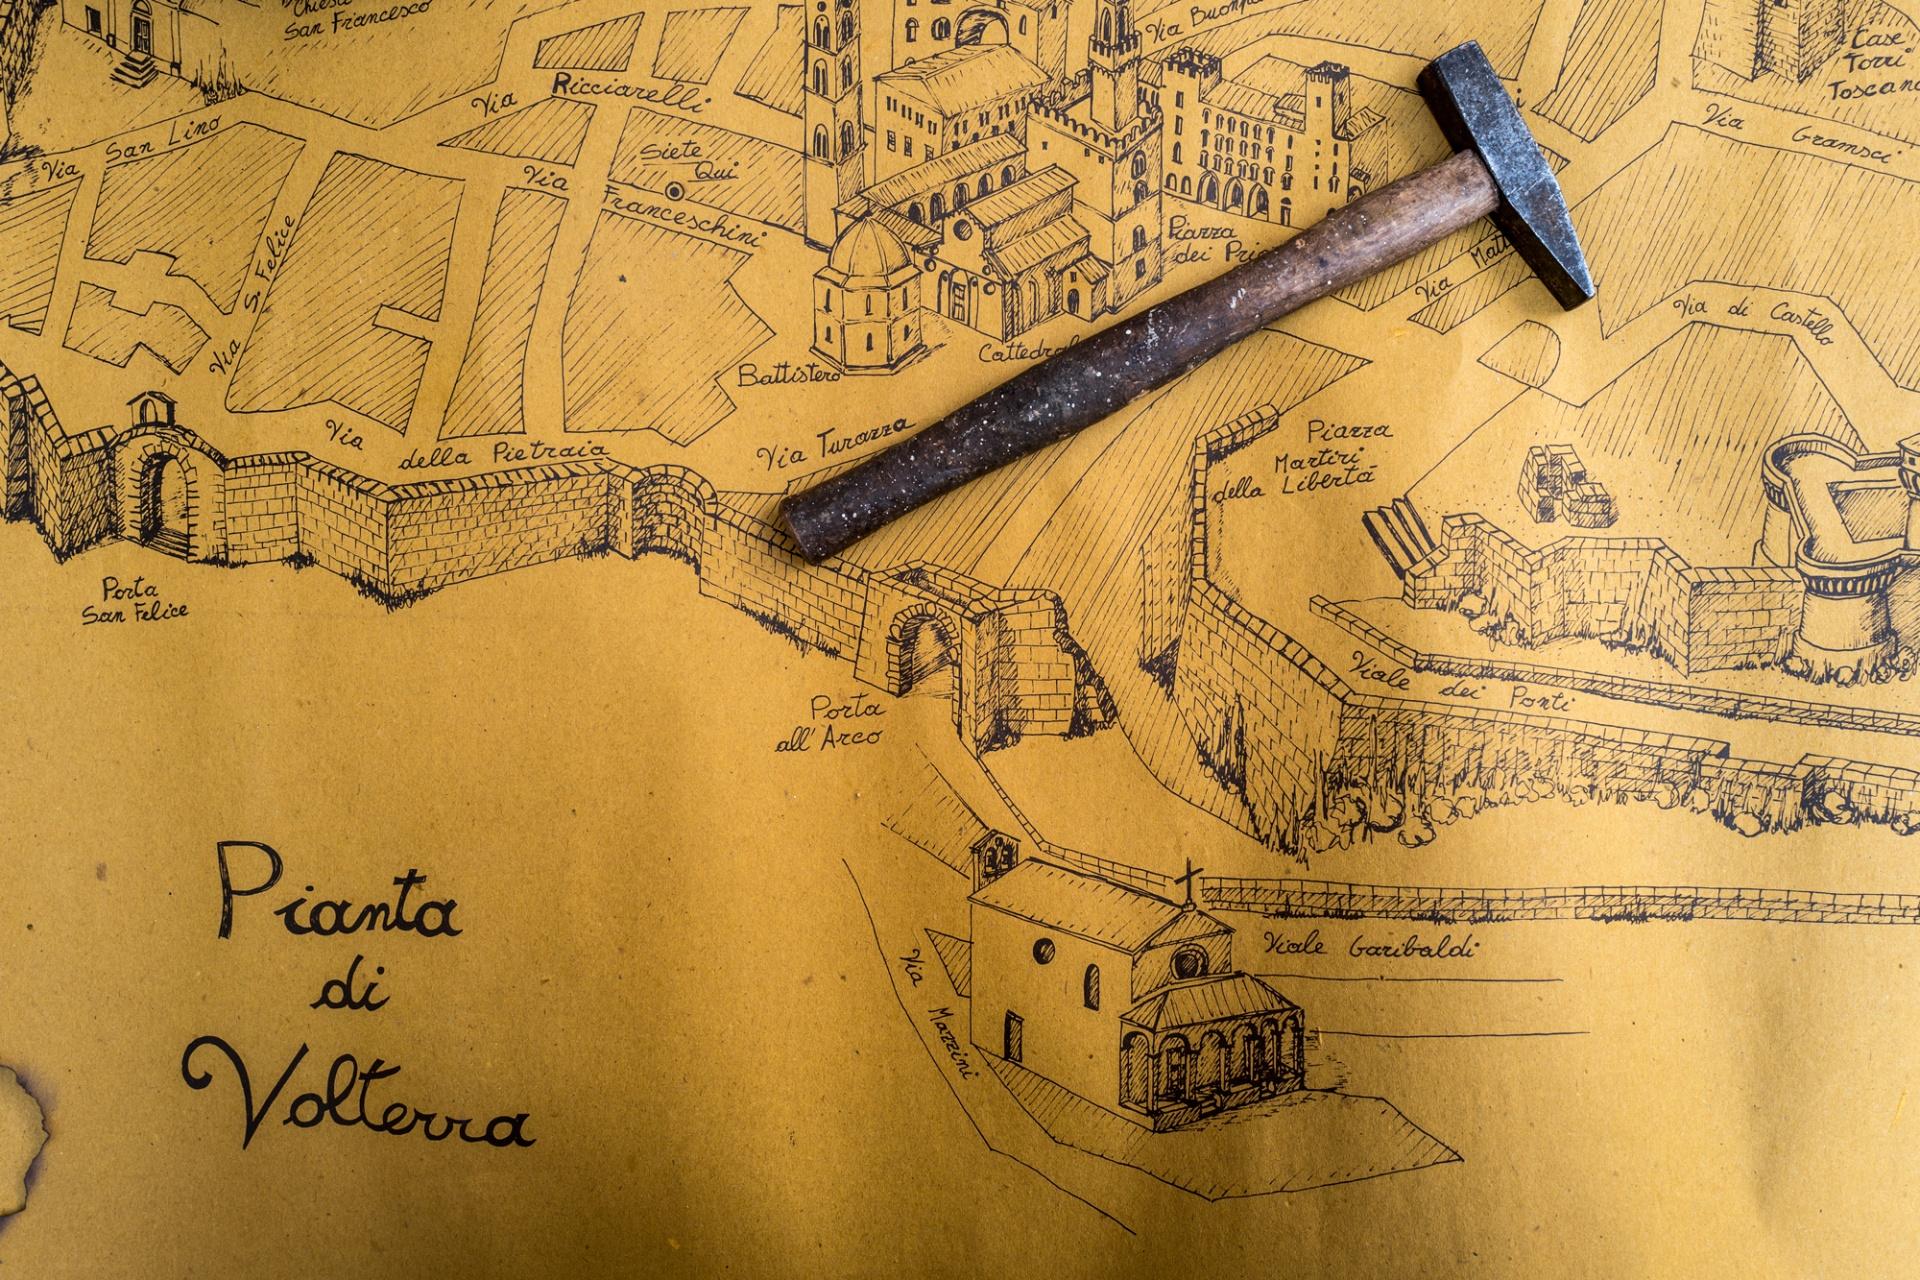 Volterra A.D. 1398, Sarà per un' organizzazione attenta a ogni dettaglio, sarà per la splendida cornice ambientale rappresentata dalla meravigliosa città toscana, Volterra A.D. 1398 rappresenta una